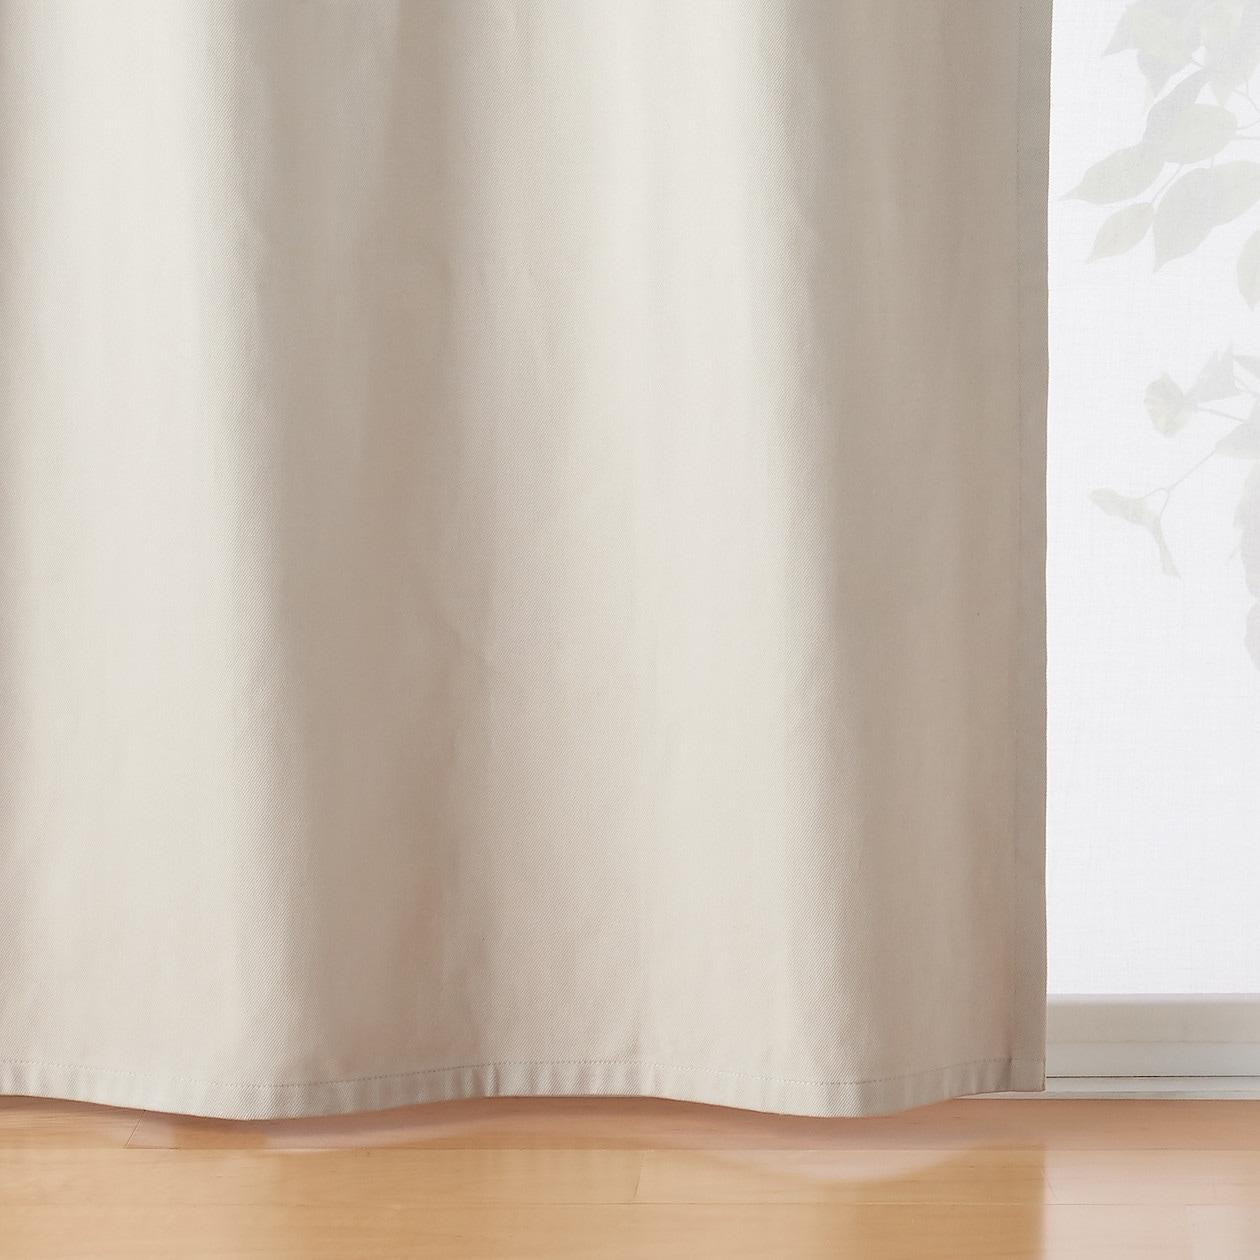 綿太番手ツイル(遮光性)ノンプリーツカーテン/ベージュ 幅100×丈105cm用